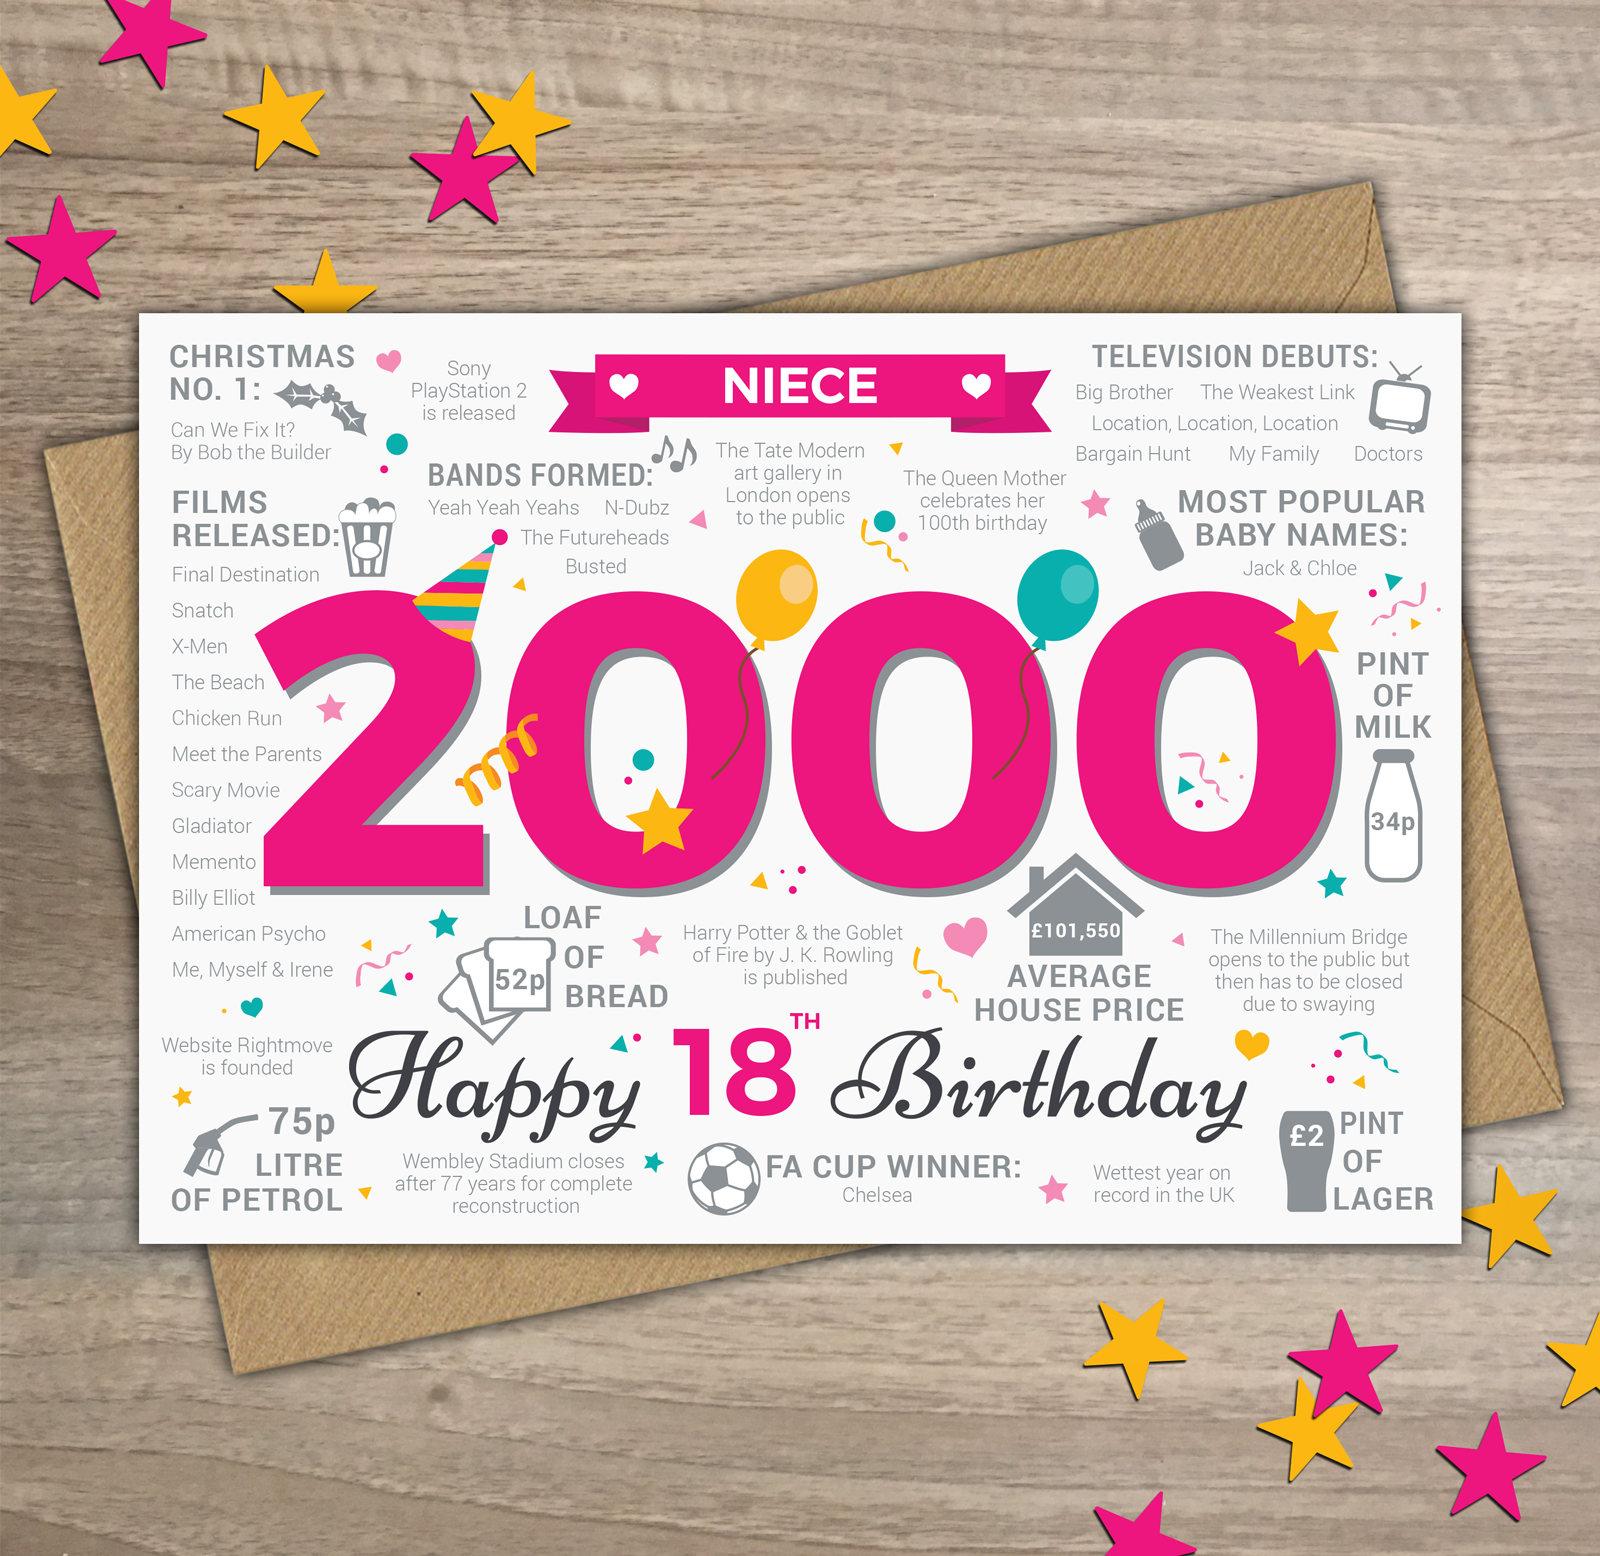 Happy 18th Birthday Niece Greetings Card Born In 2000 Year Etsy